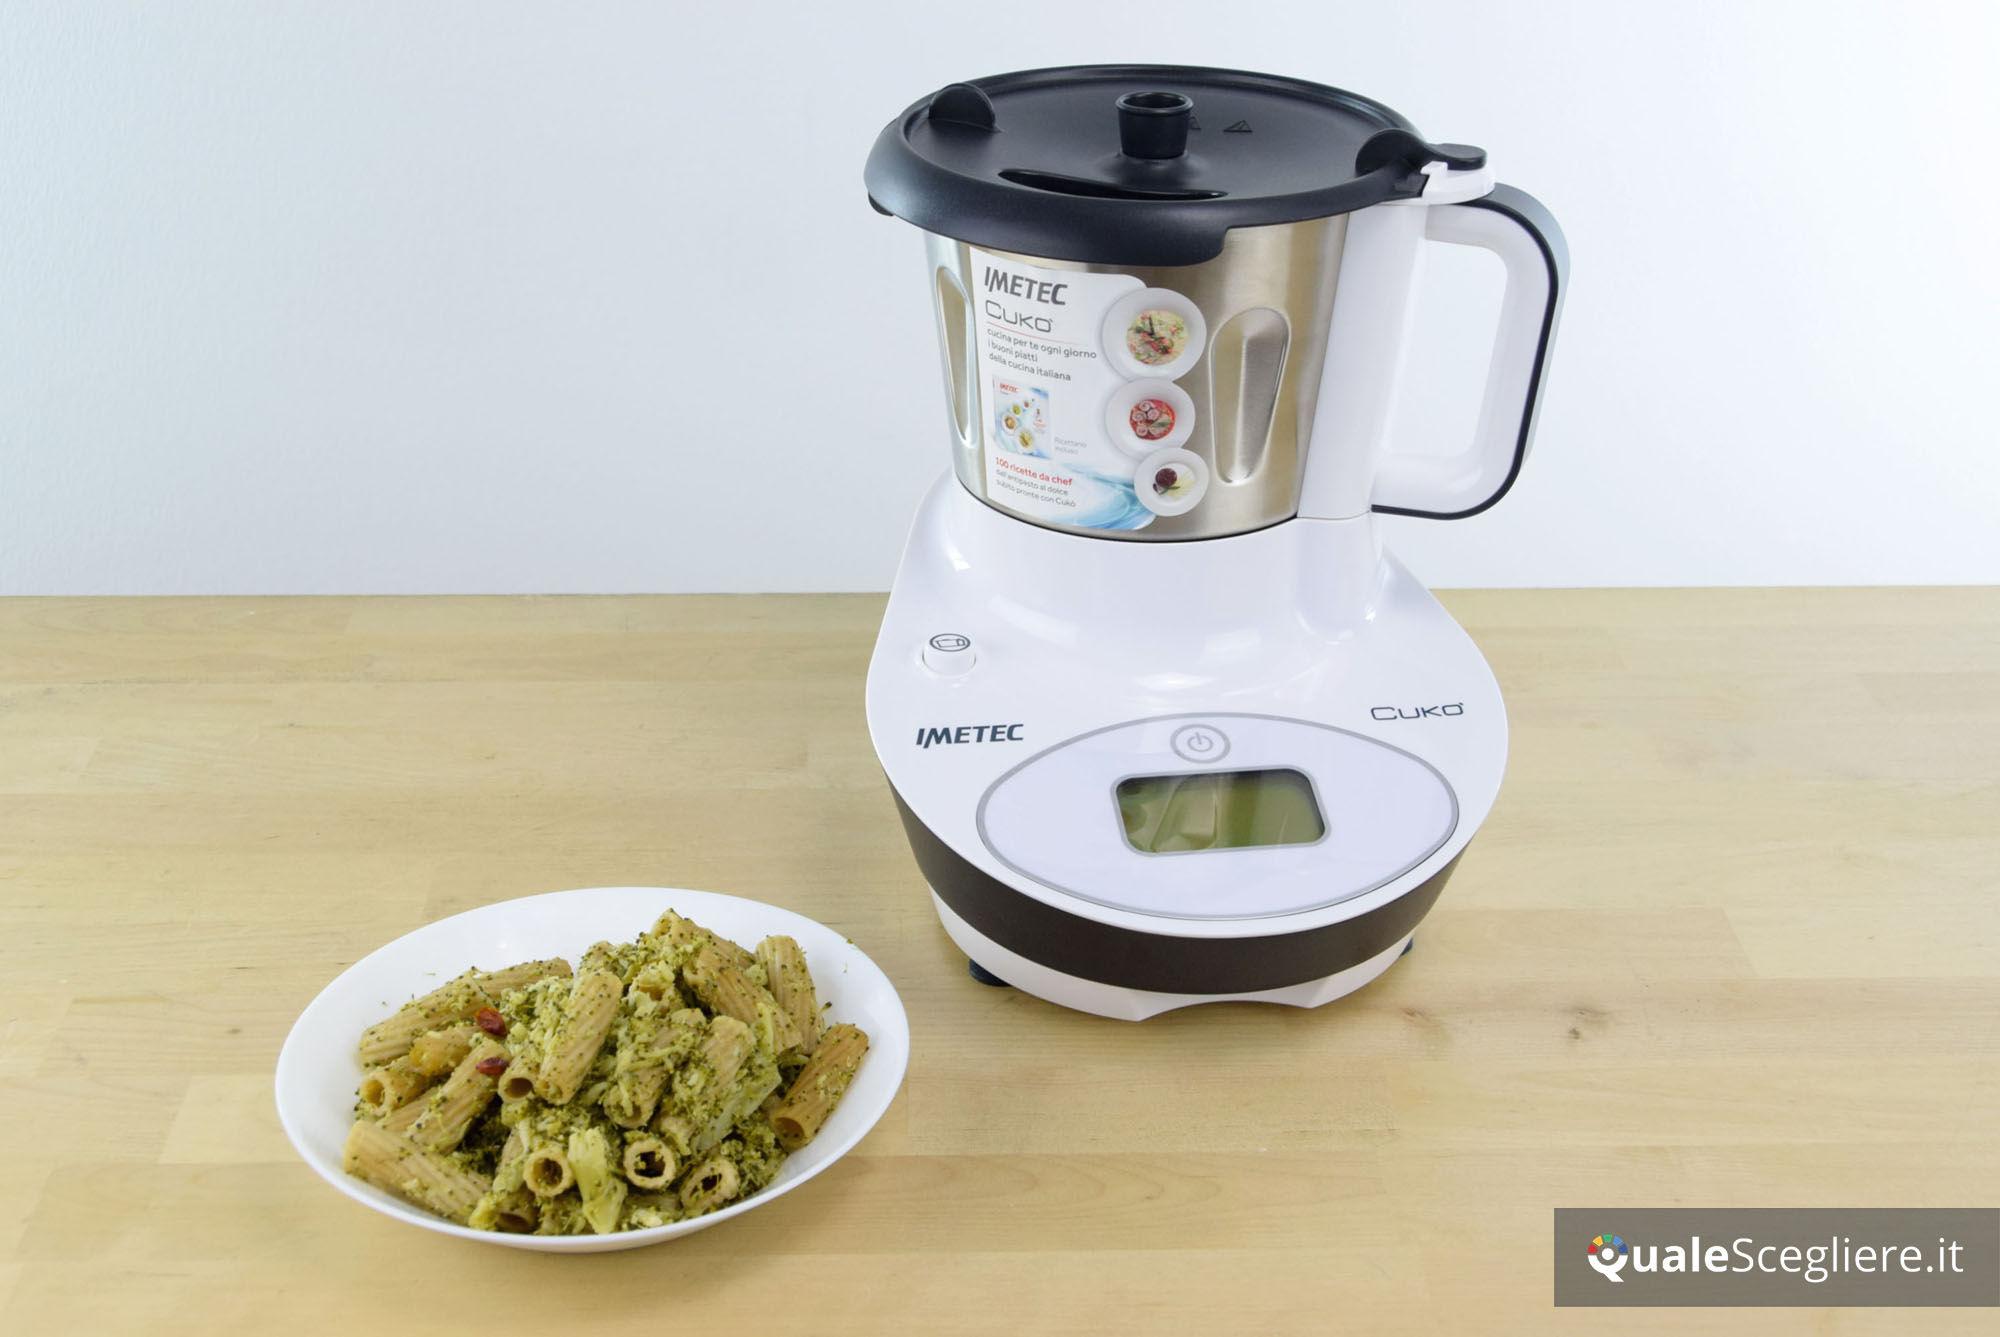 Imetec Cuko Prezzo Mediaworld.Miglior Robot Da Cucina Che Cuoce Interesting Cooking Chef